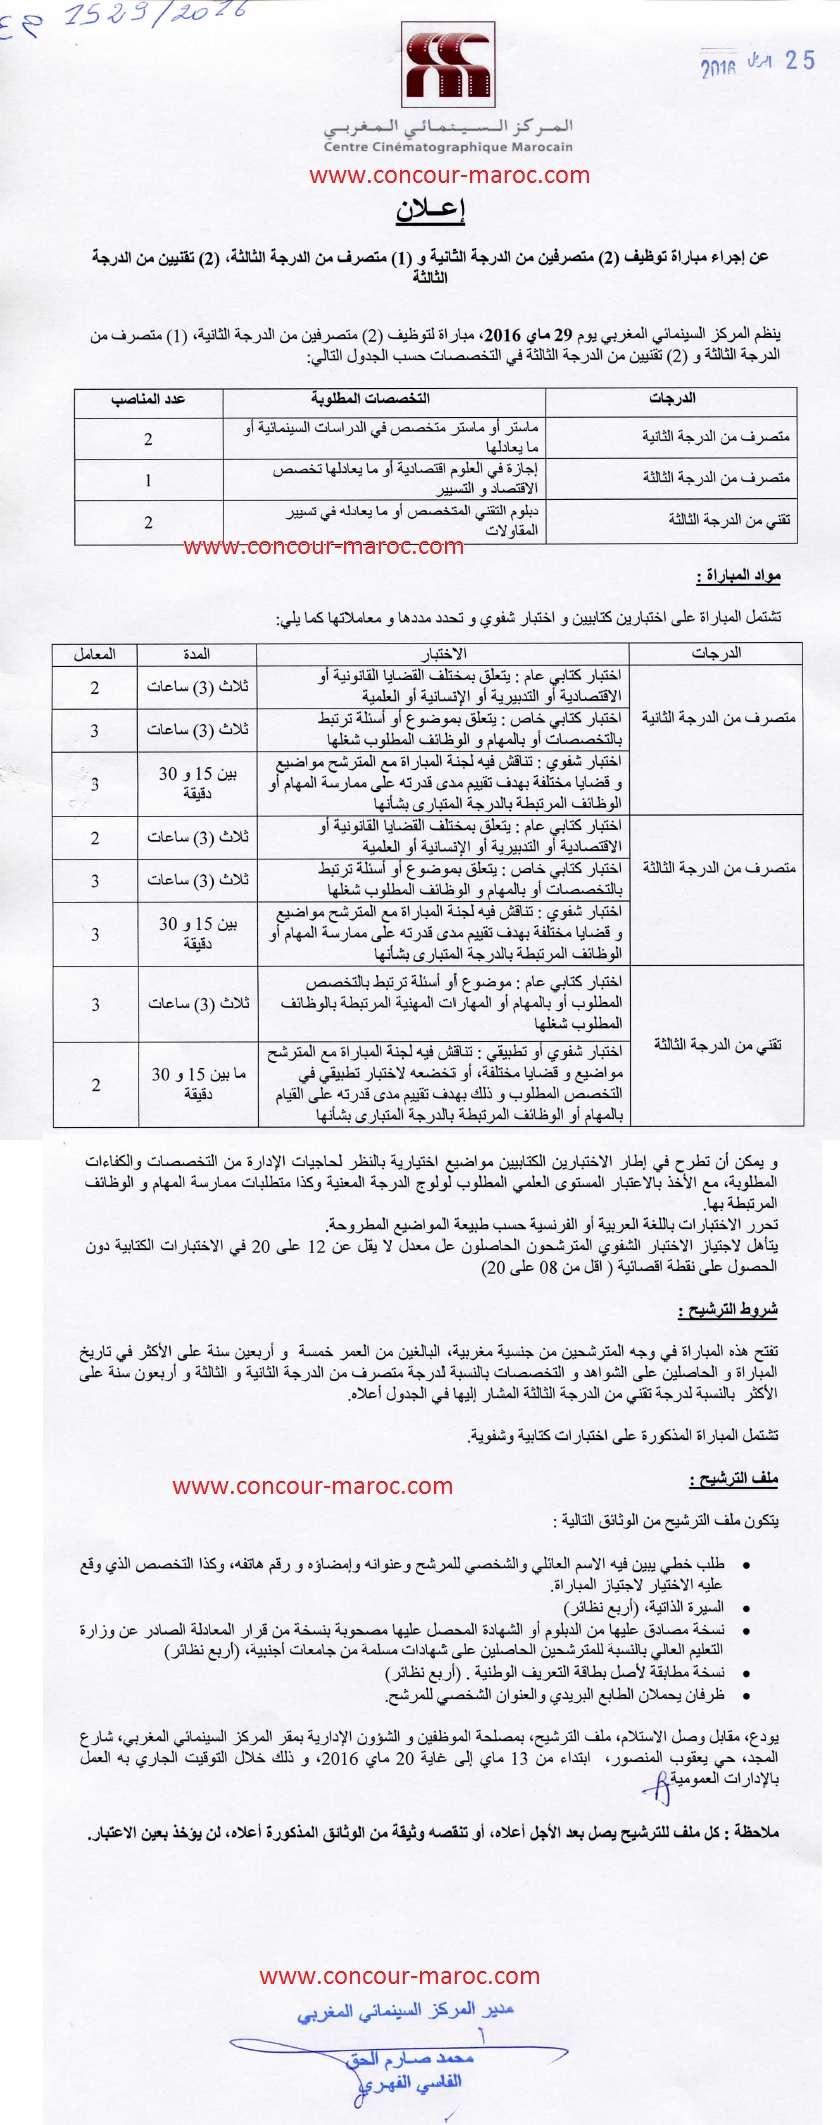 المركز السينمائي المغربي : مباراة لتوظيف 2 متصرفين من الدرجة الثانية، 1 متصرف من الدرجة الثالثة، 2 تقنيين من الدرجة الثالثة (5 مناصب) آخر أجل لإيداع الترشيحات 20 ماي 2016 Concou15